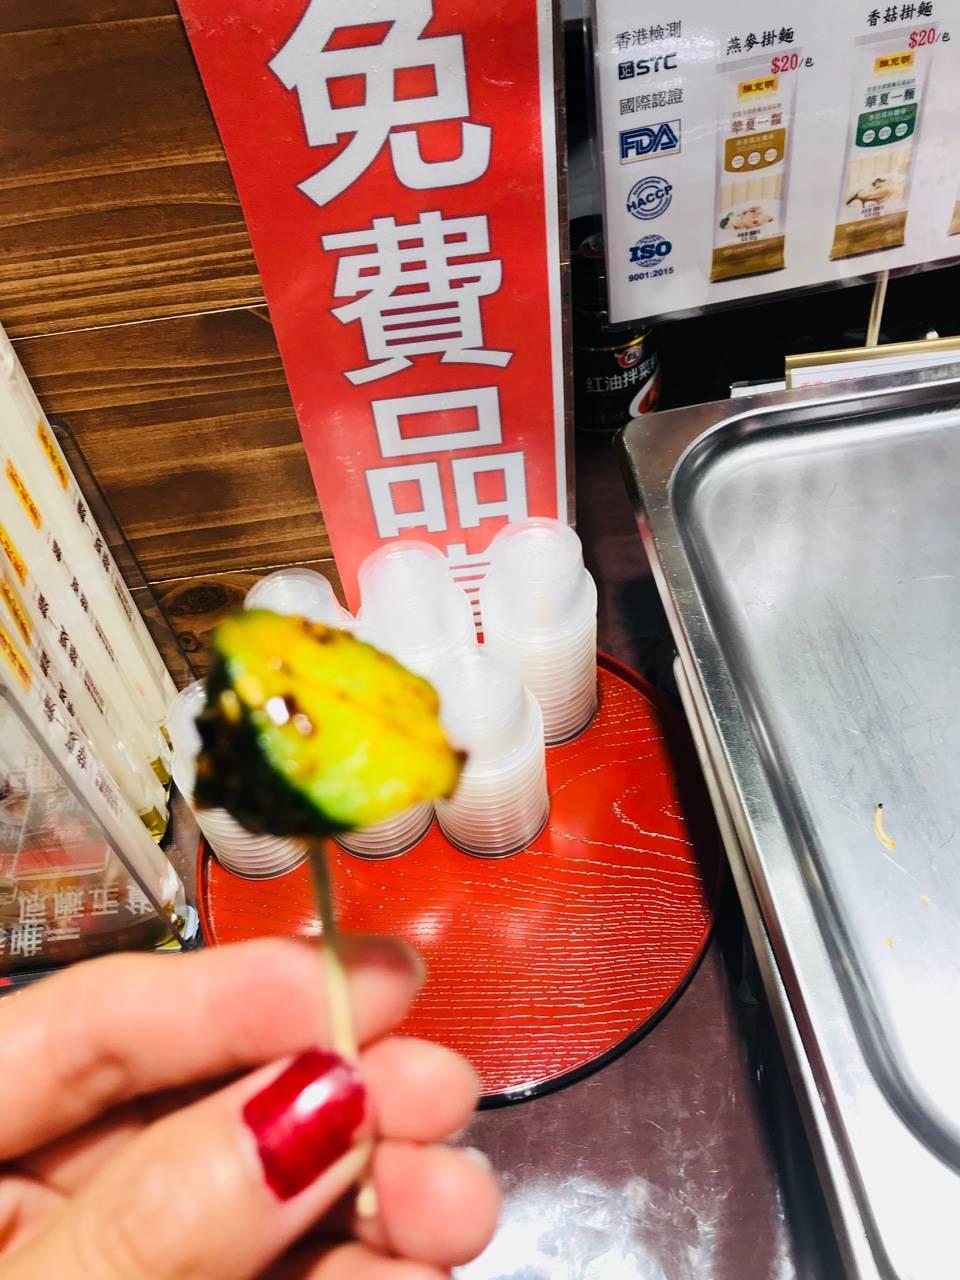 香港作文美食节免费品尝美食美食节小学杨枝青衣图片